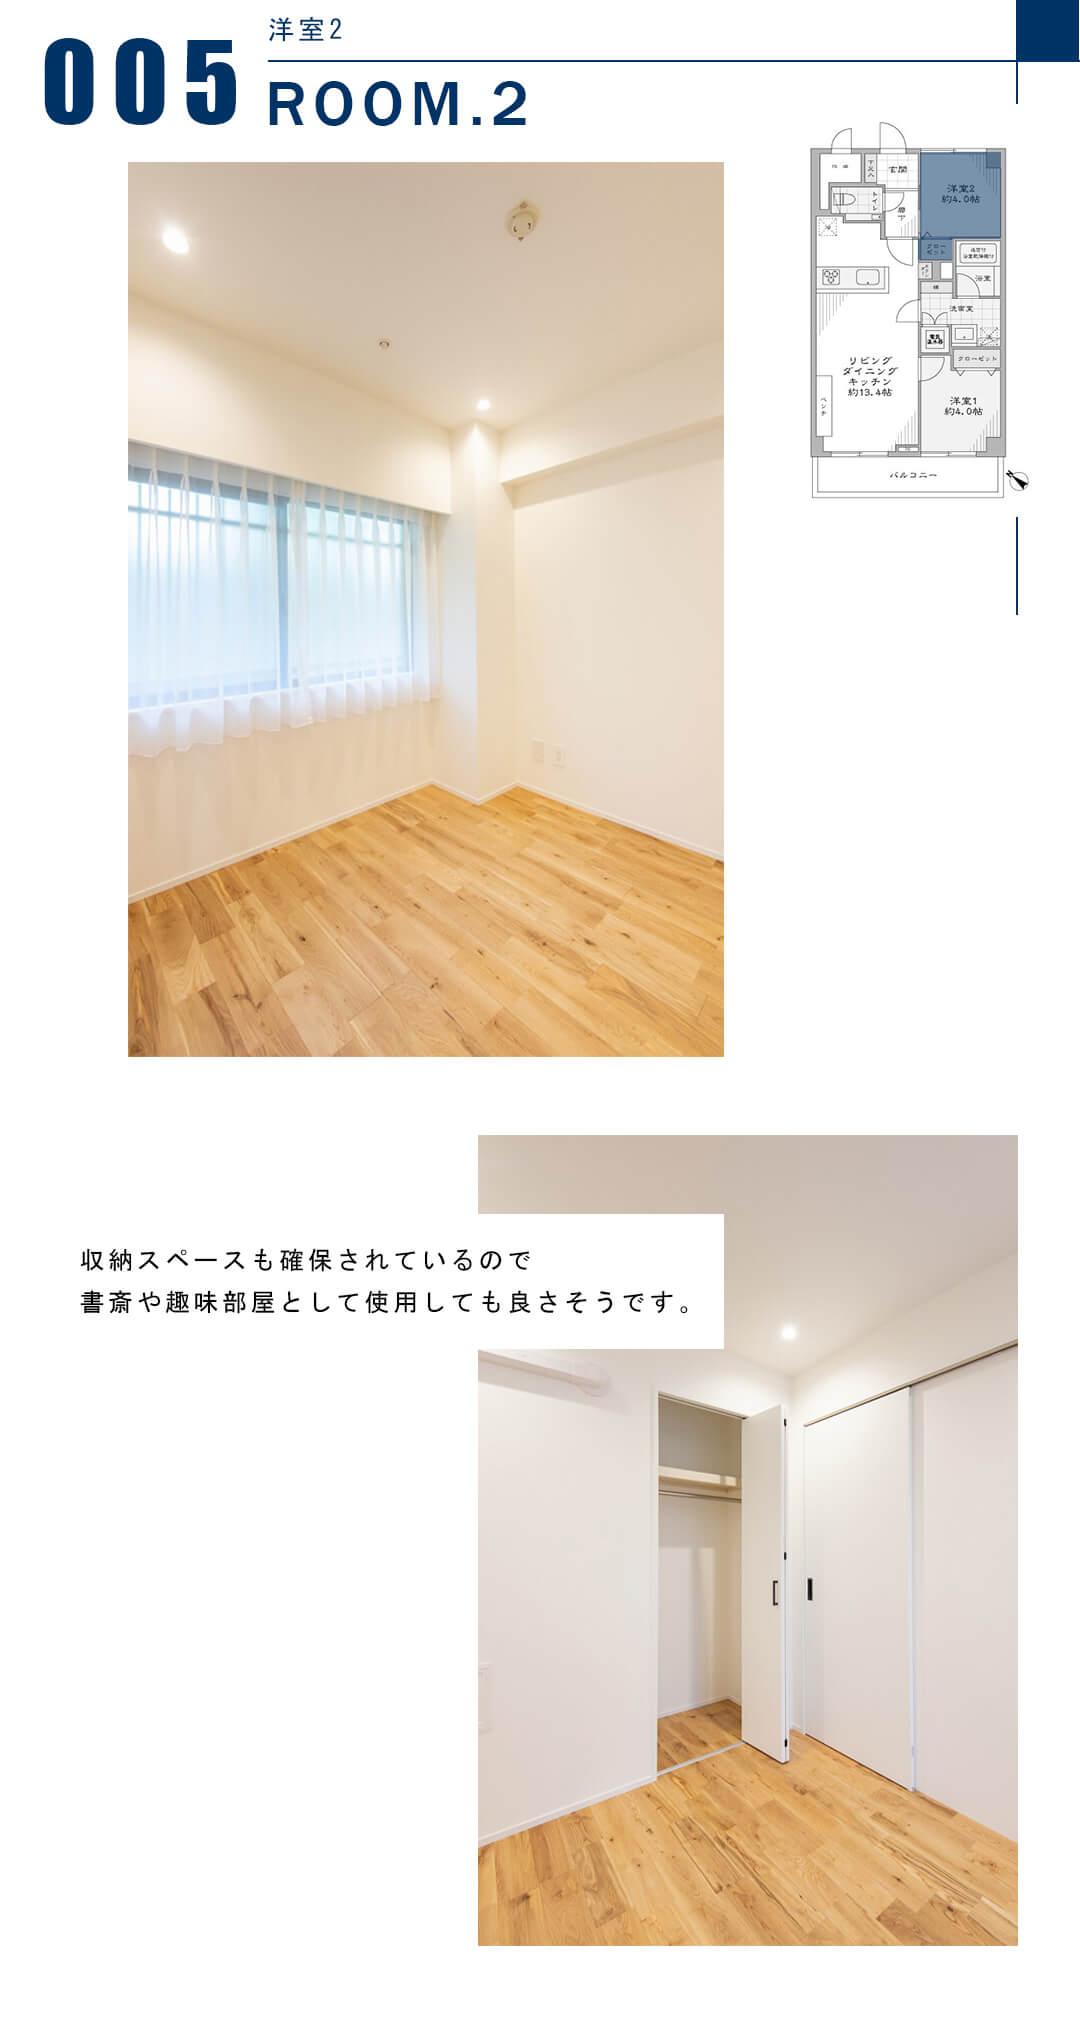 005洋室2,ROOM.2